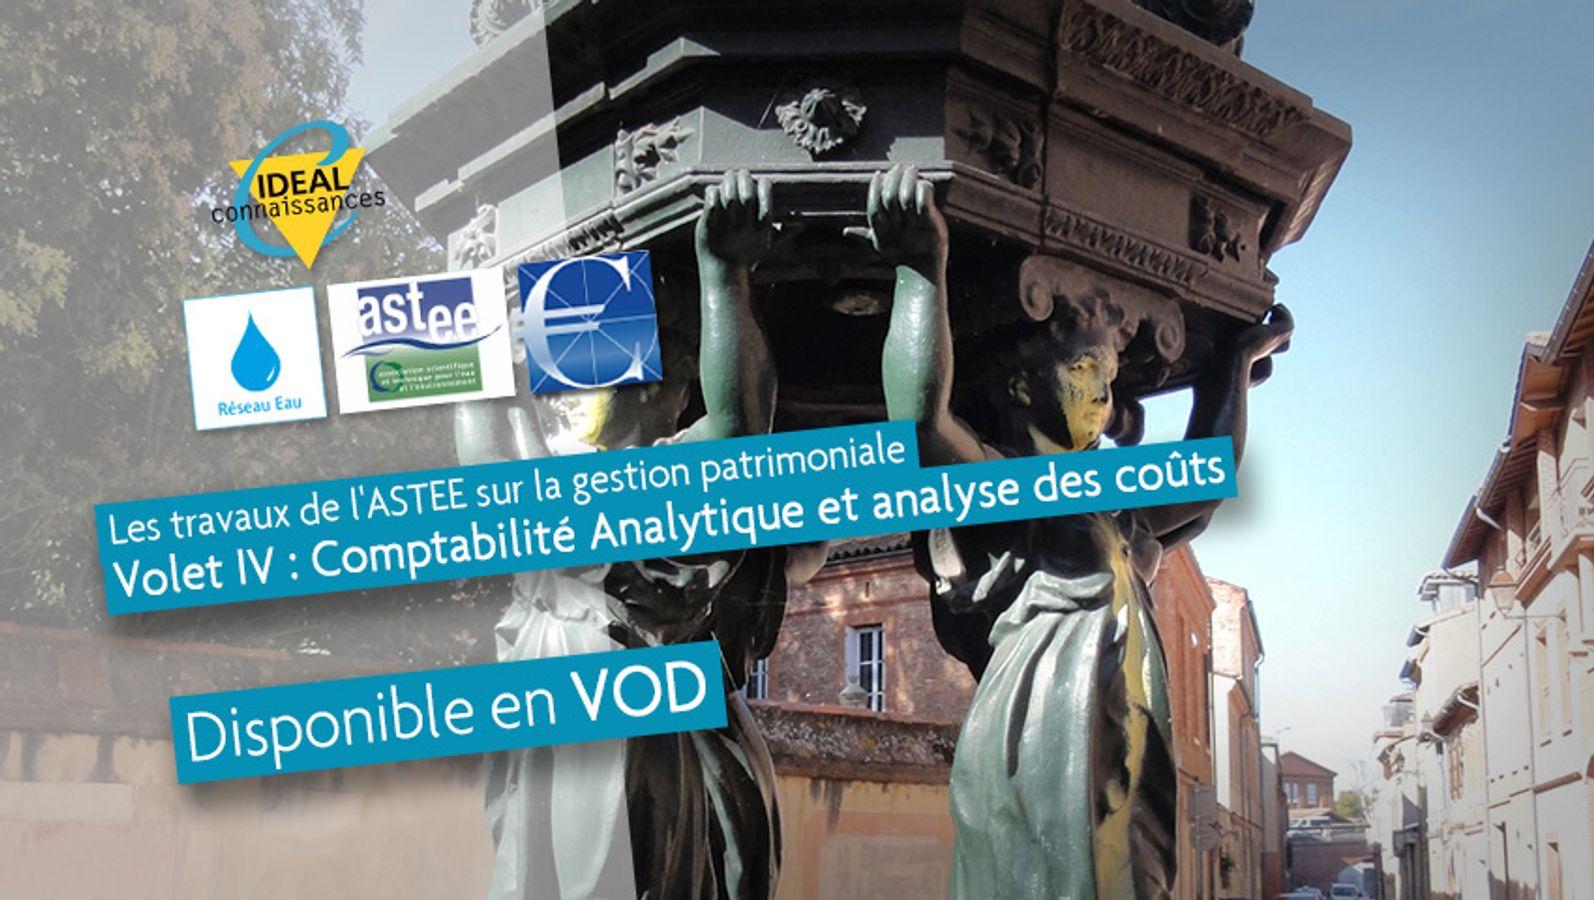 Les travaux de l'ASTEE sur la gestion patrimoniale. Volet IV : Comptabilité Analytique et analyse des coûts.